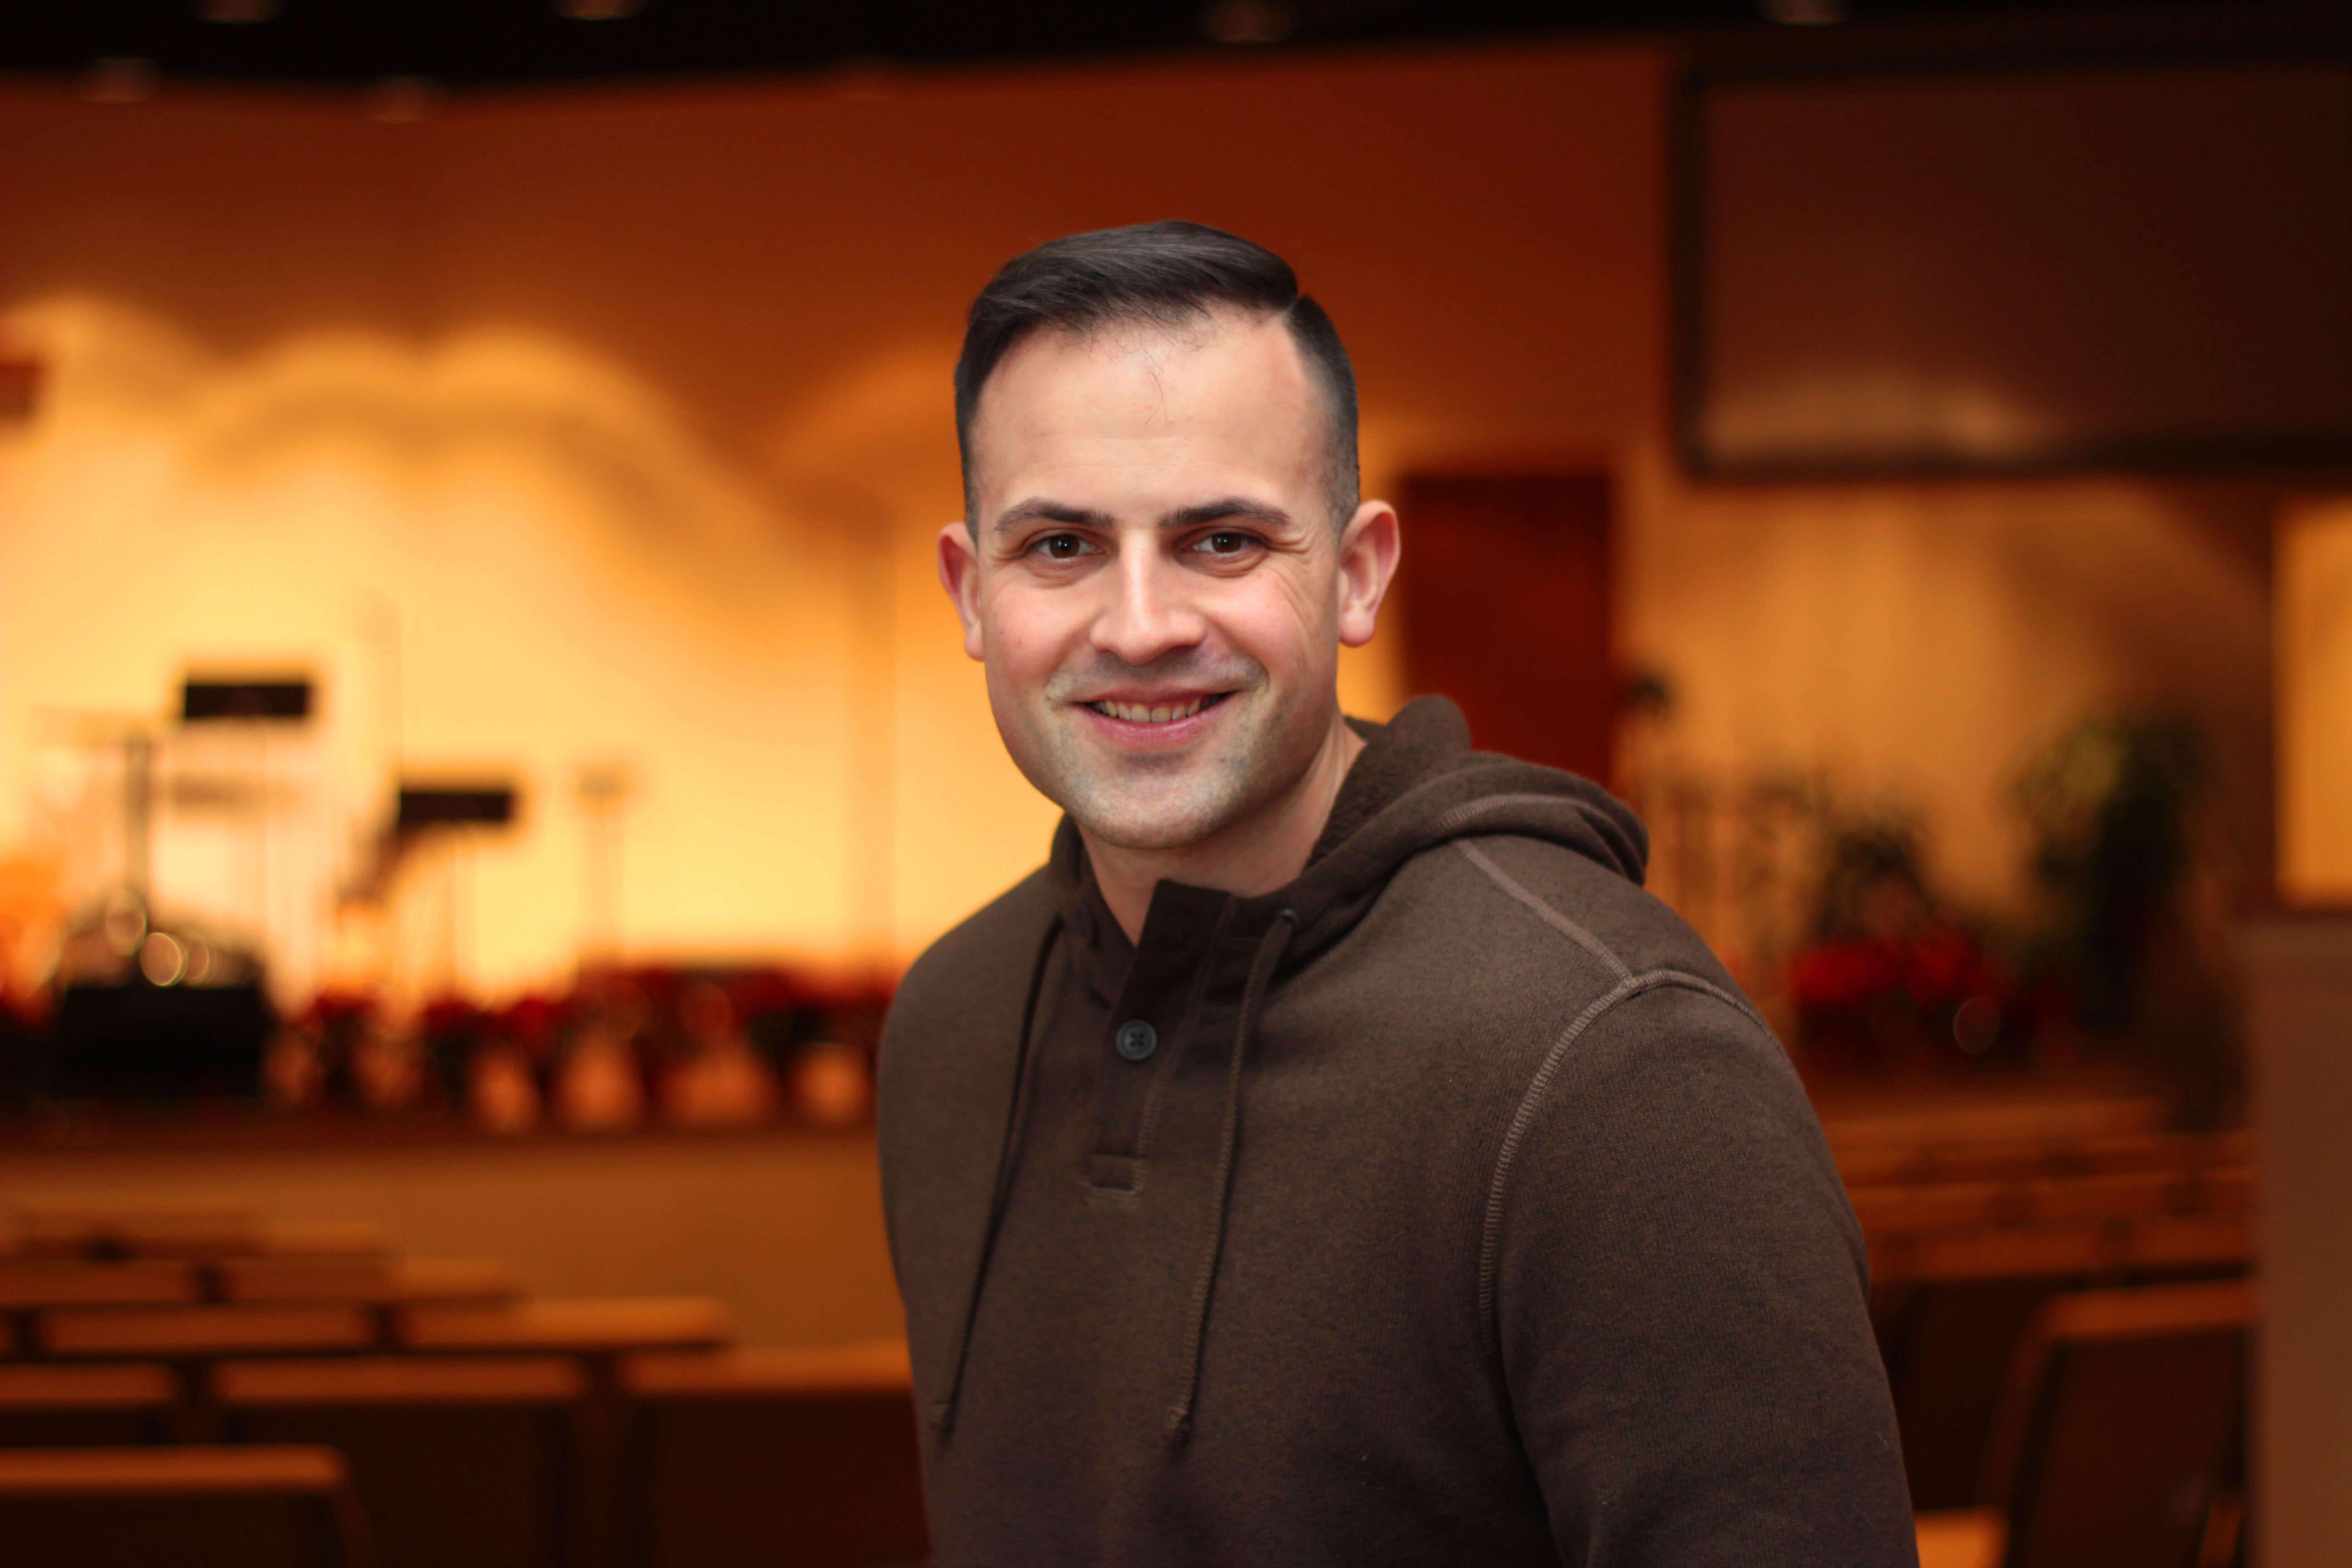 Youth Pastor John Roselle